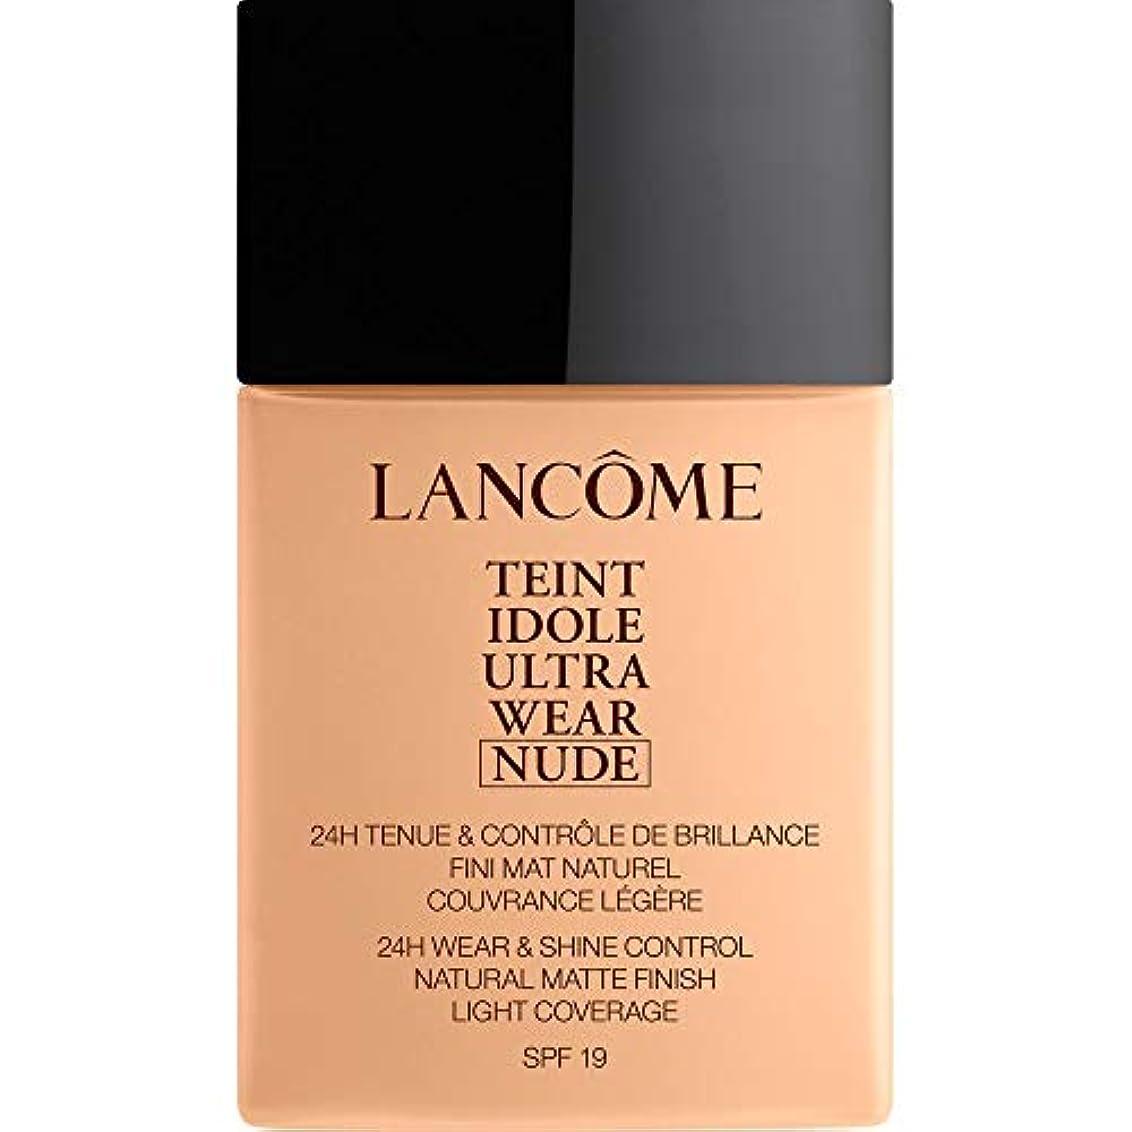 取り付けスプーン状況[Lanc?me ] ランコムTeintのIdole超摩耗ヌード財団Spf19の40ミリリットル025 - ベージュLin - Lancome Teint Idole Ultra Wear Nude Foundation...